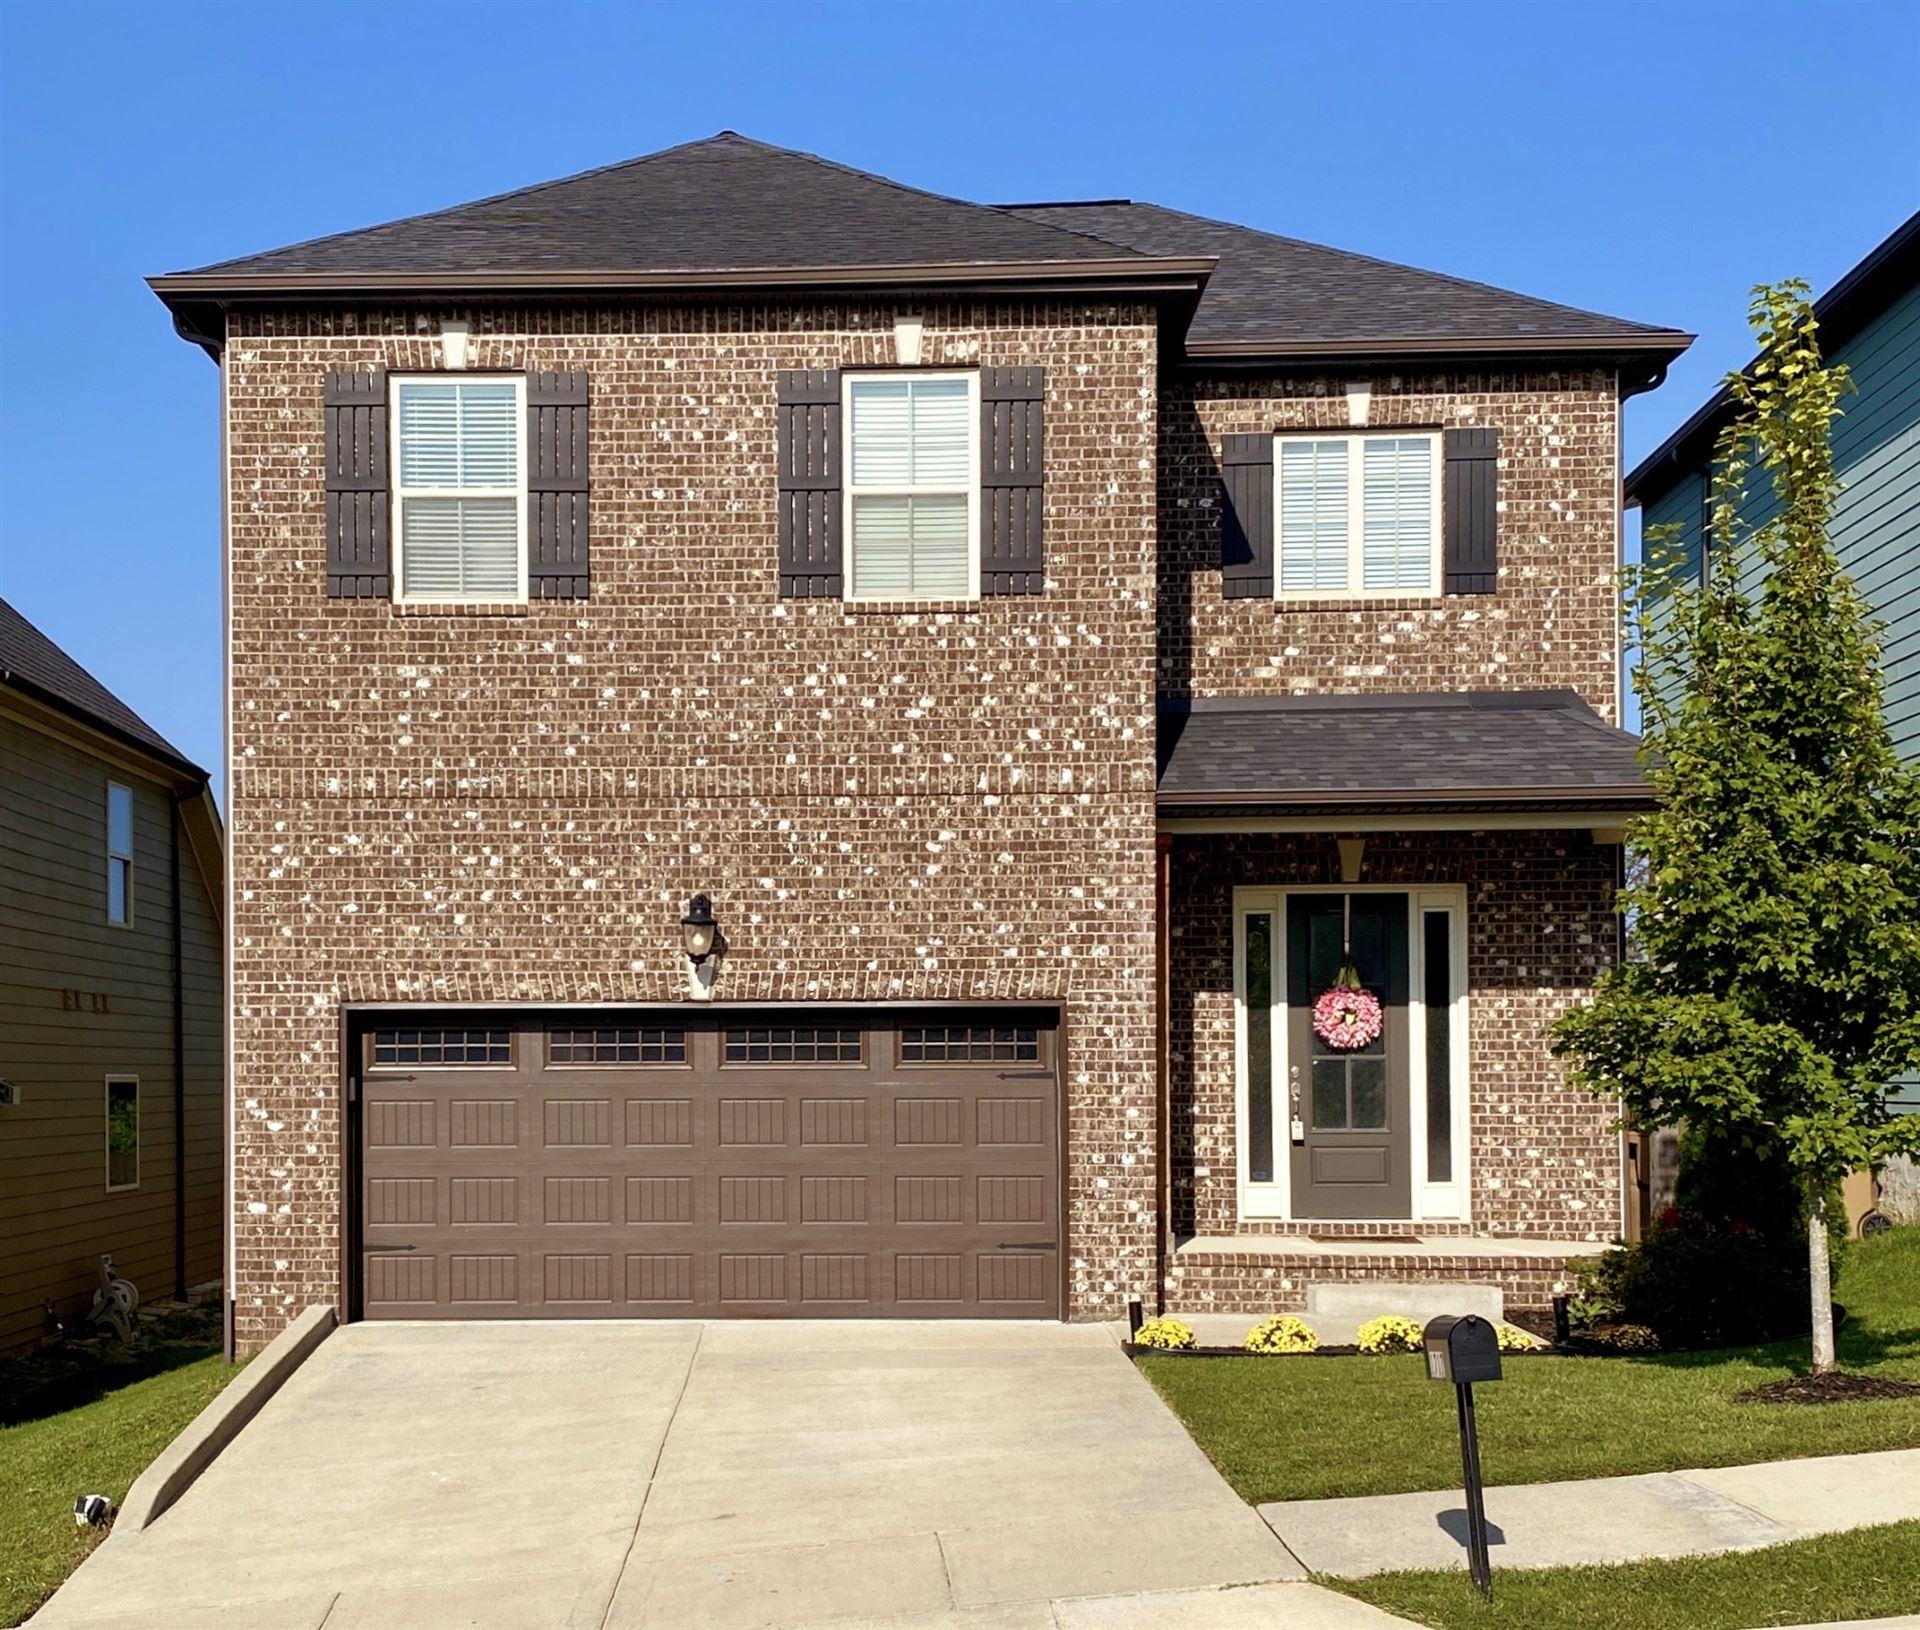 1717 Boxwood Dr, Nashville, TN 37211 - MLS#: 2185977